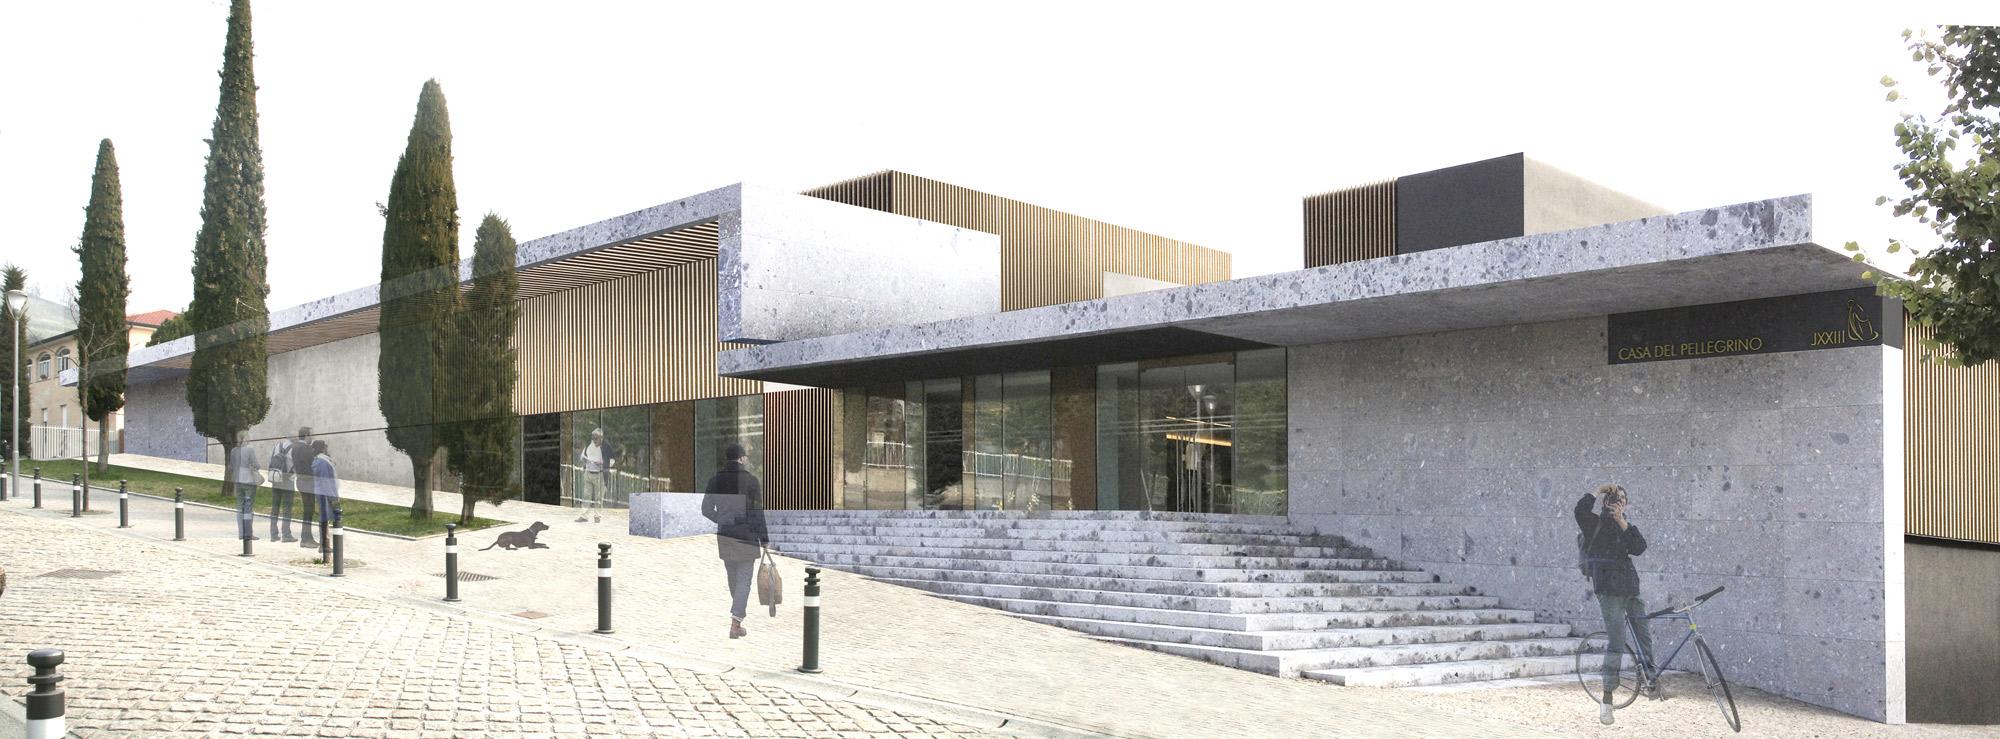 Concept © PBeB Architetti